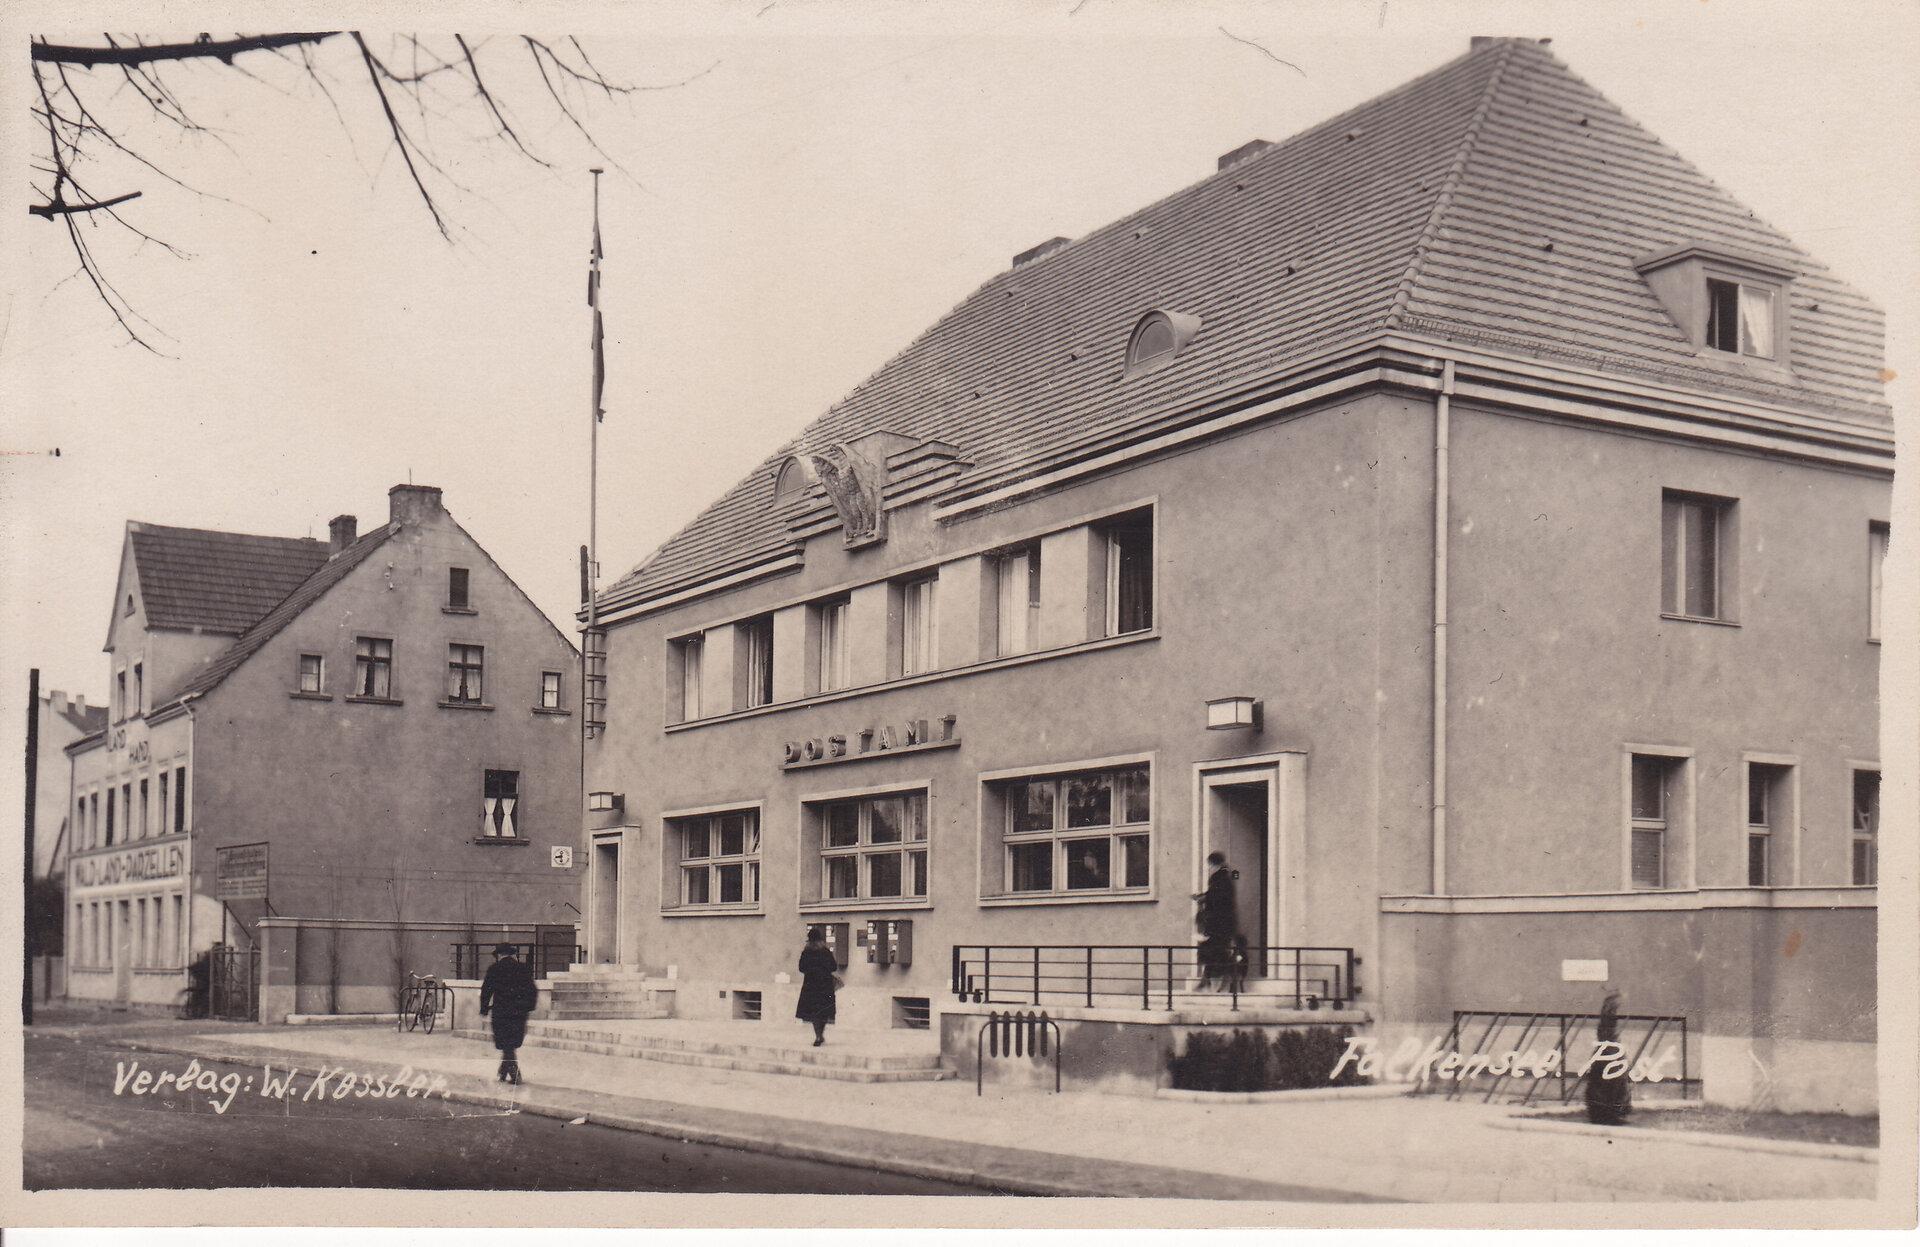 Das Bild zeigt eine Ansicht des alten Postgebäudes.